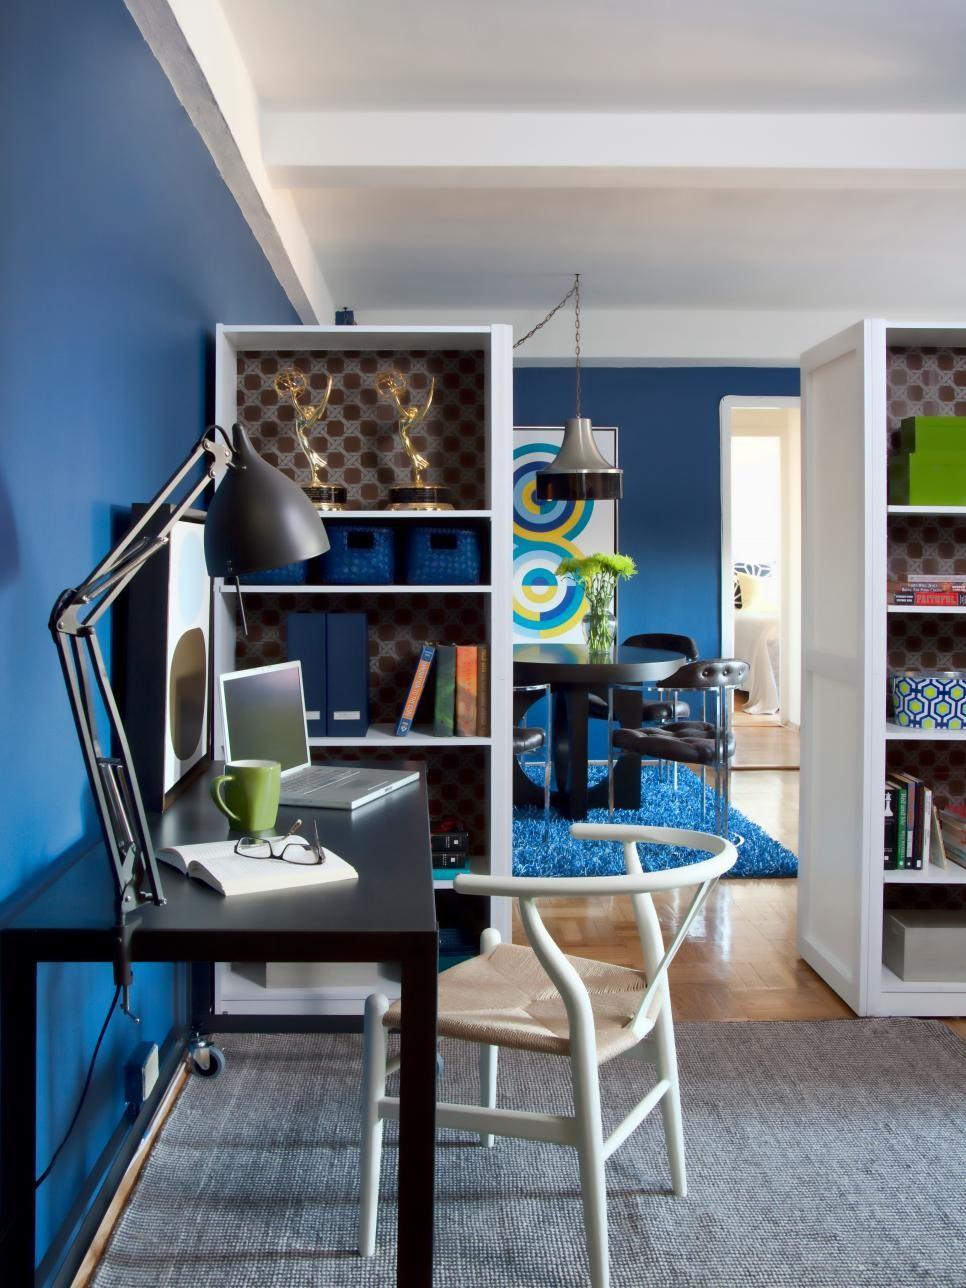 10 ترفند جالب برای دکوراسیون آپارتمان های کوچک و دلباز کردن منزل